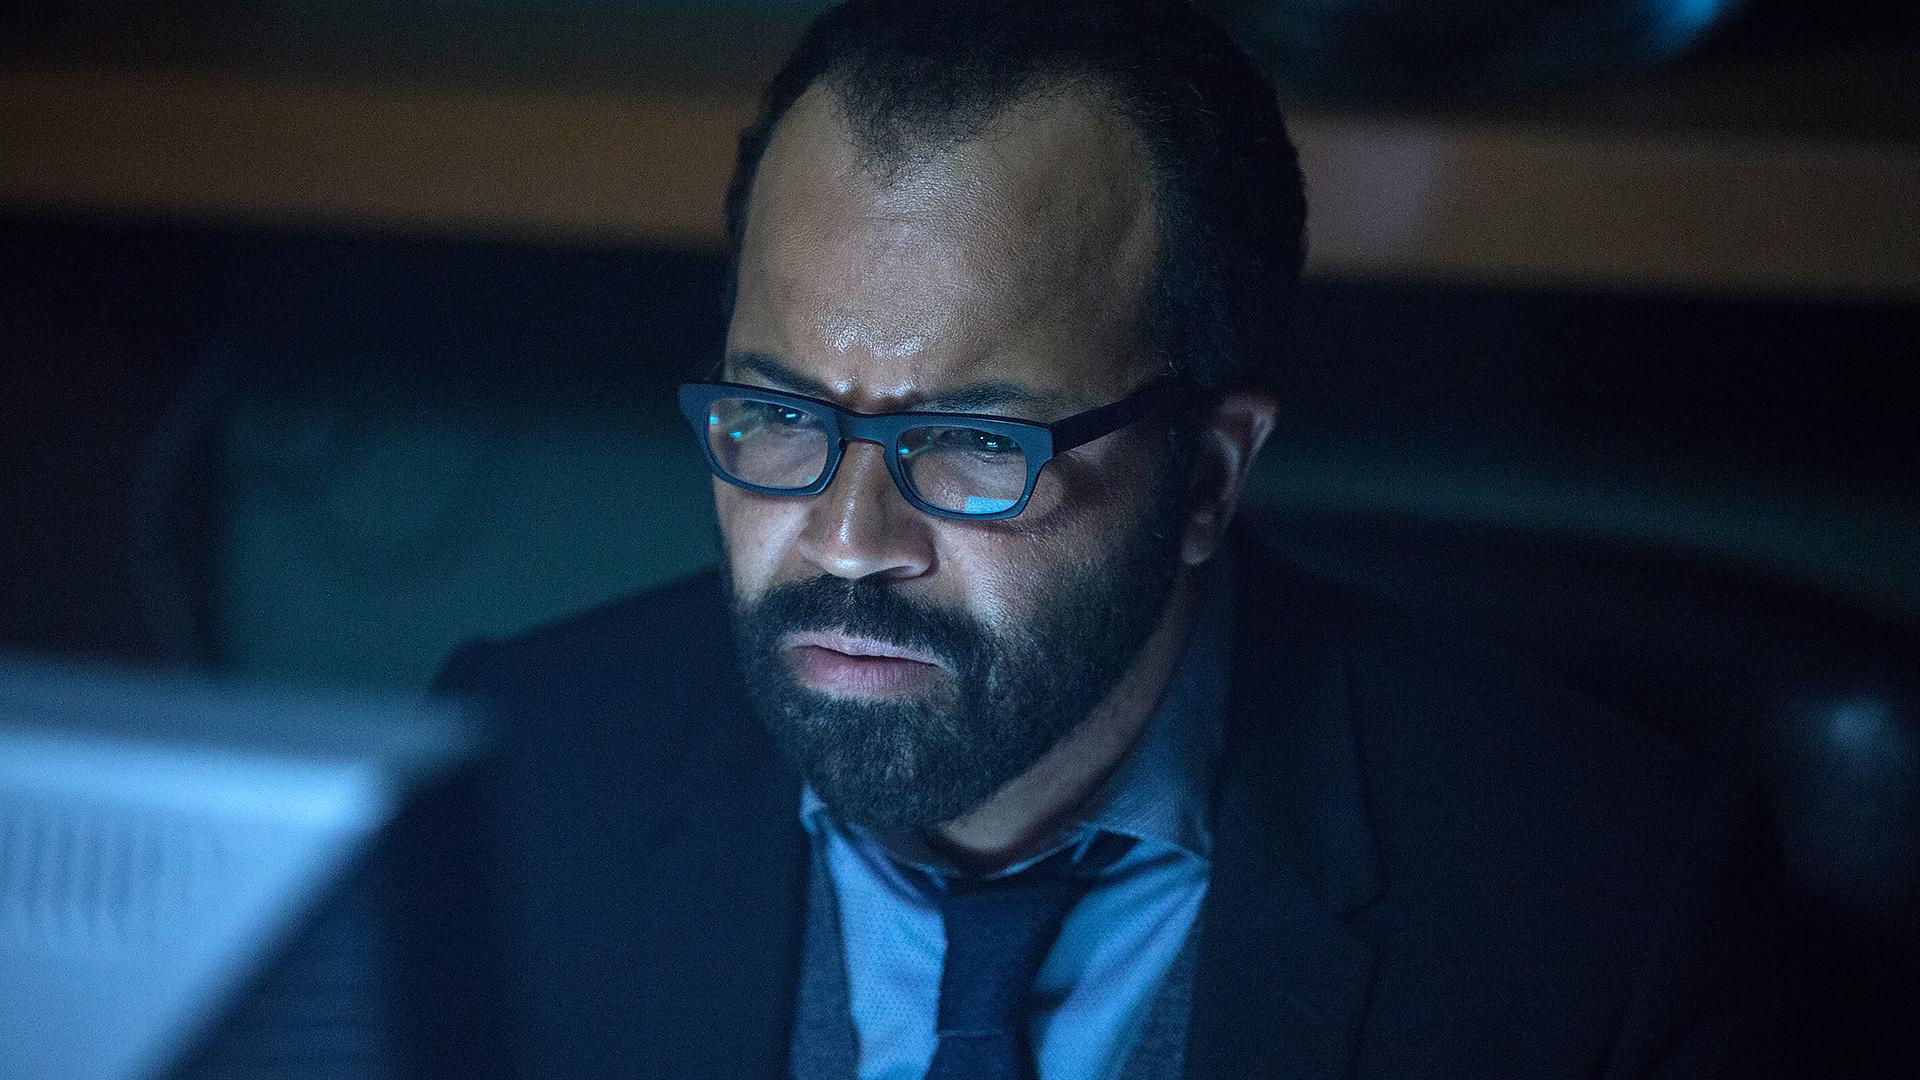 Bernard looking concerned in Westworld episode 6